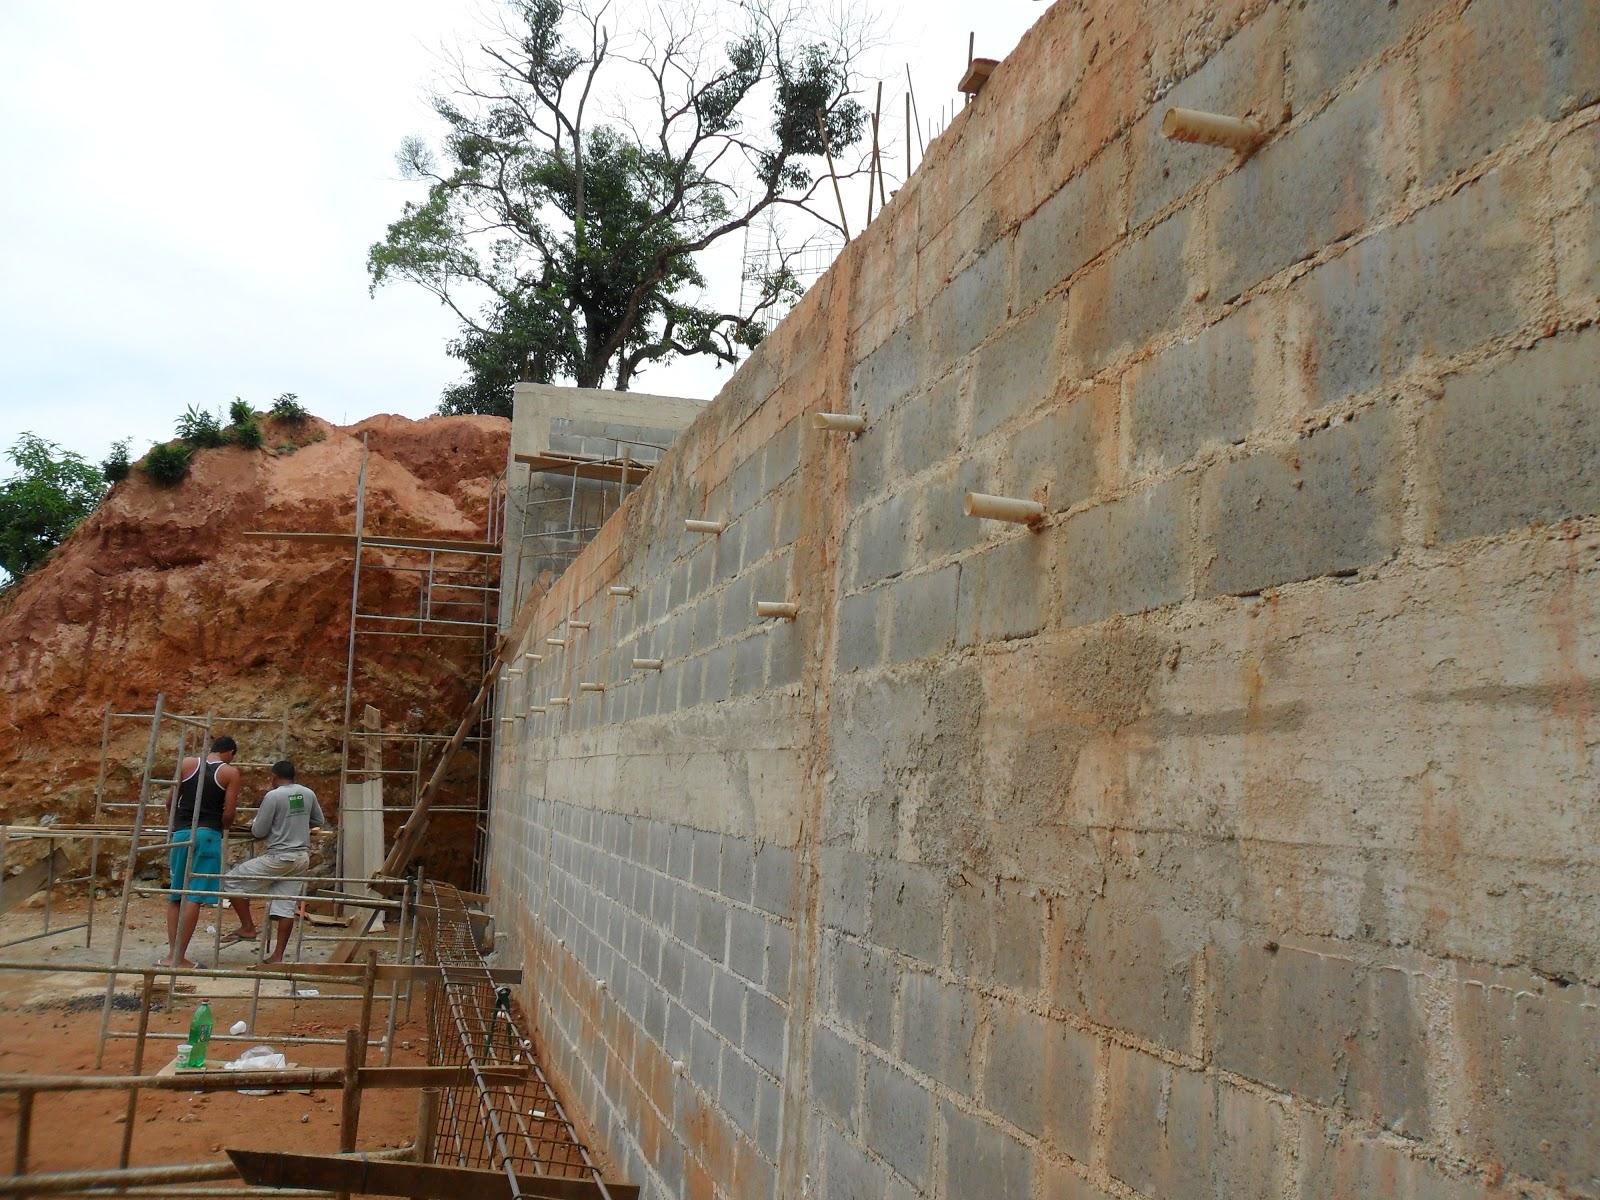 Muro de arrimo em bloco de concreto http livro de fotos de obras de paulo - Fotos terras ...